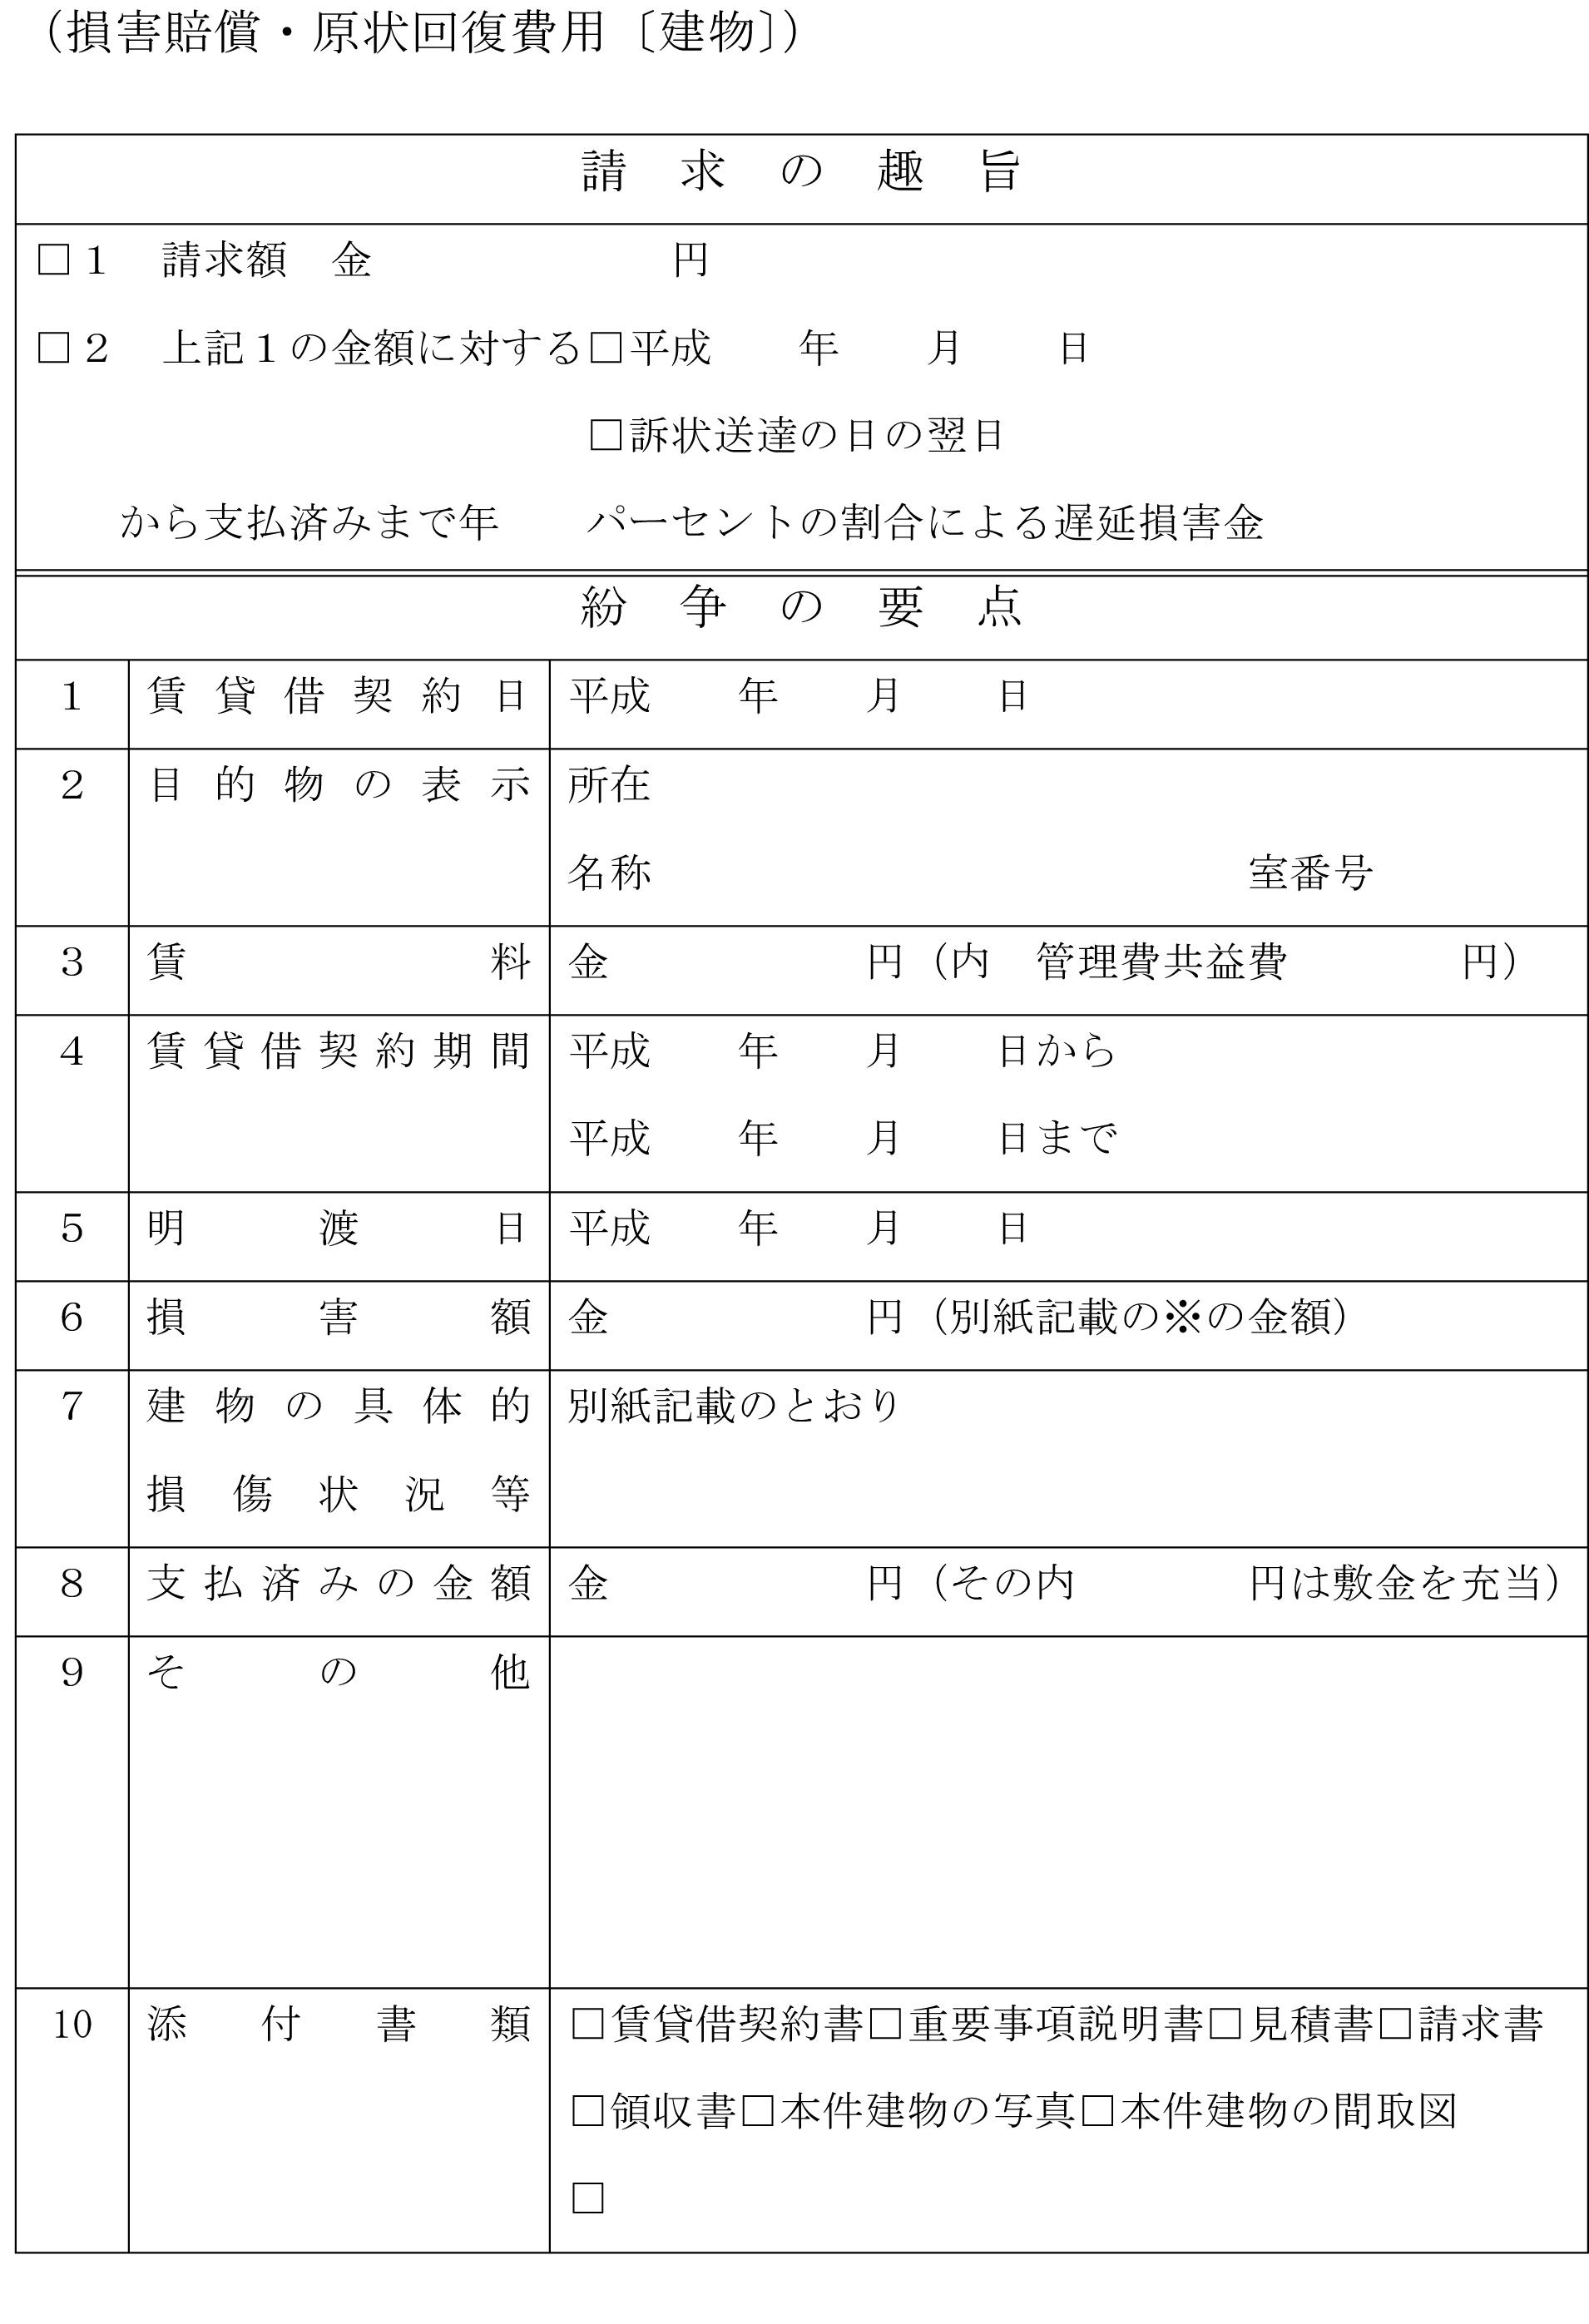 請求書(損害賠償・原状回復費用:建物)のテンプレート書式